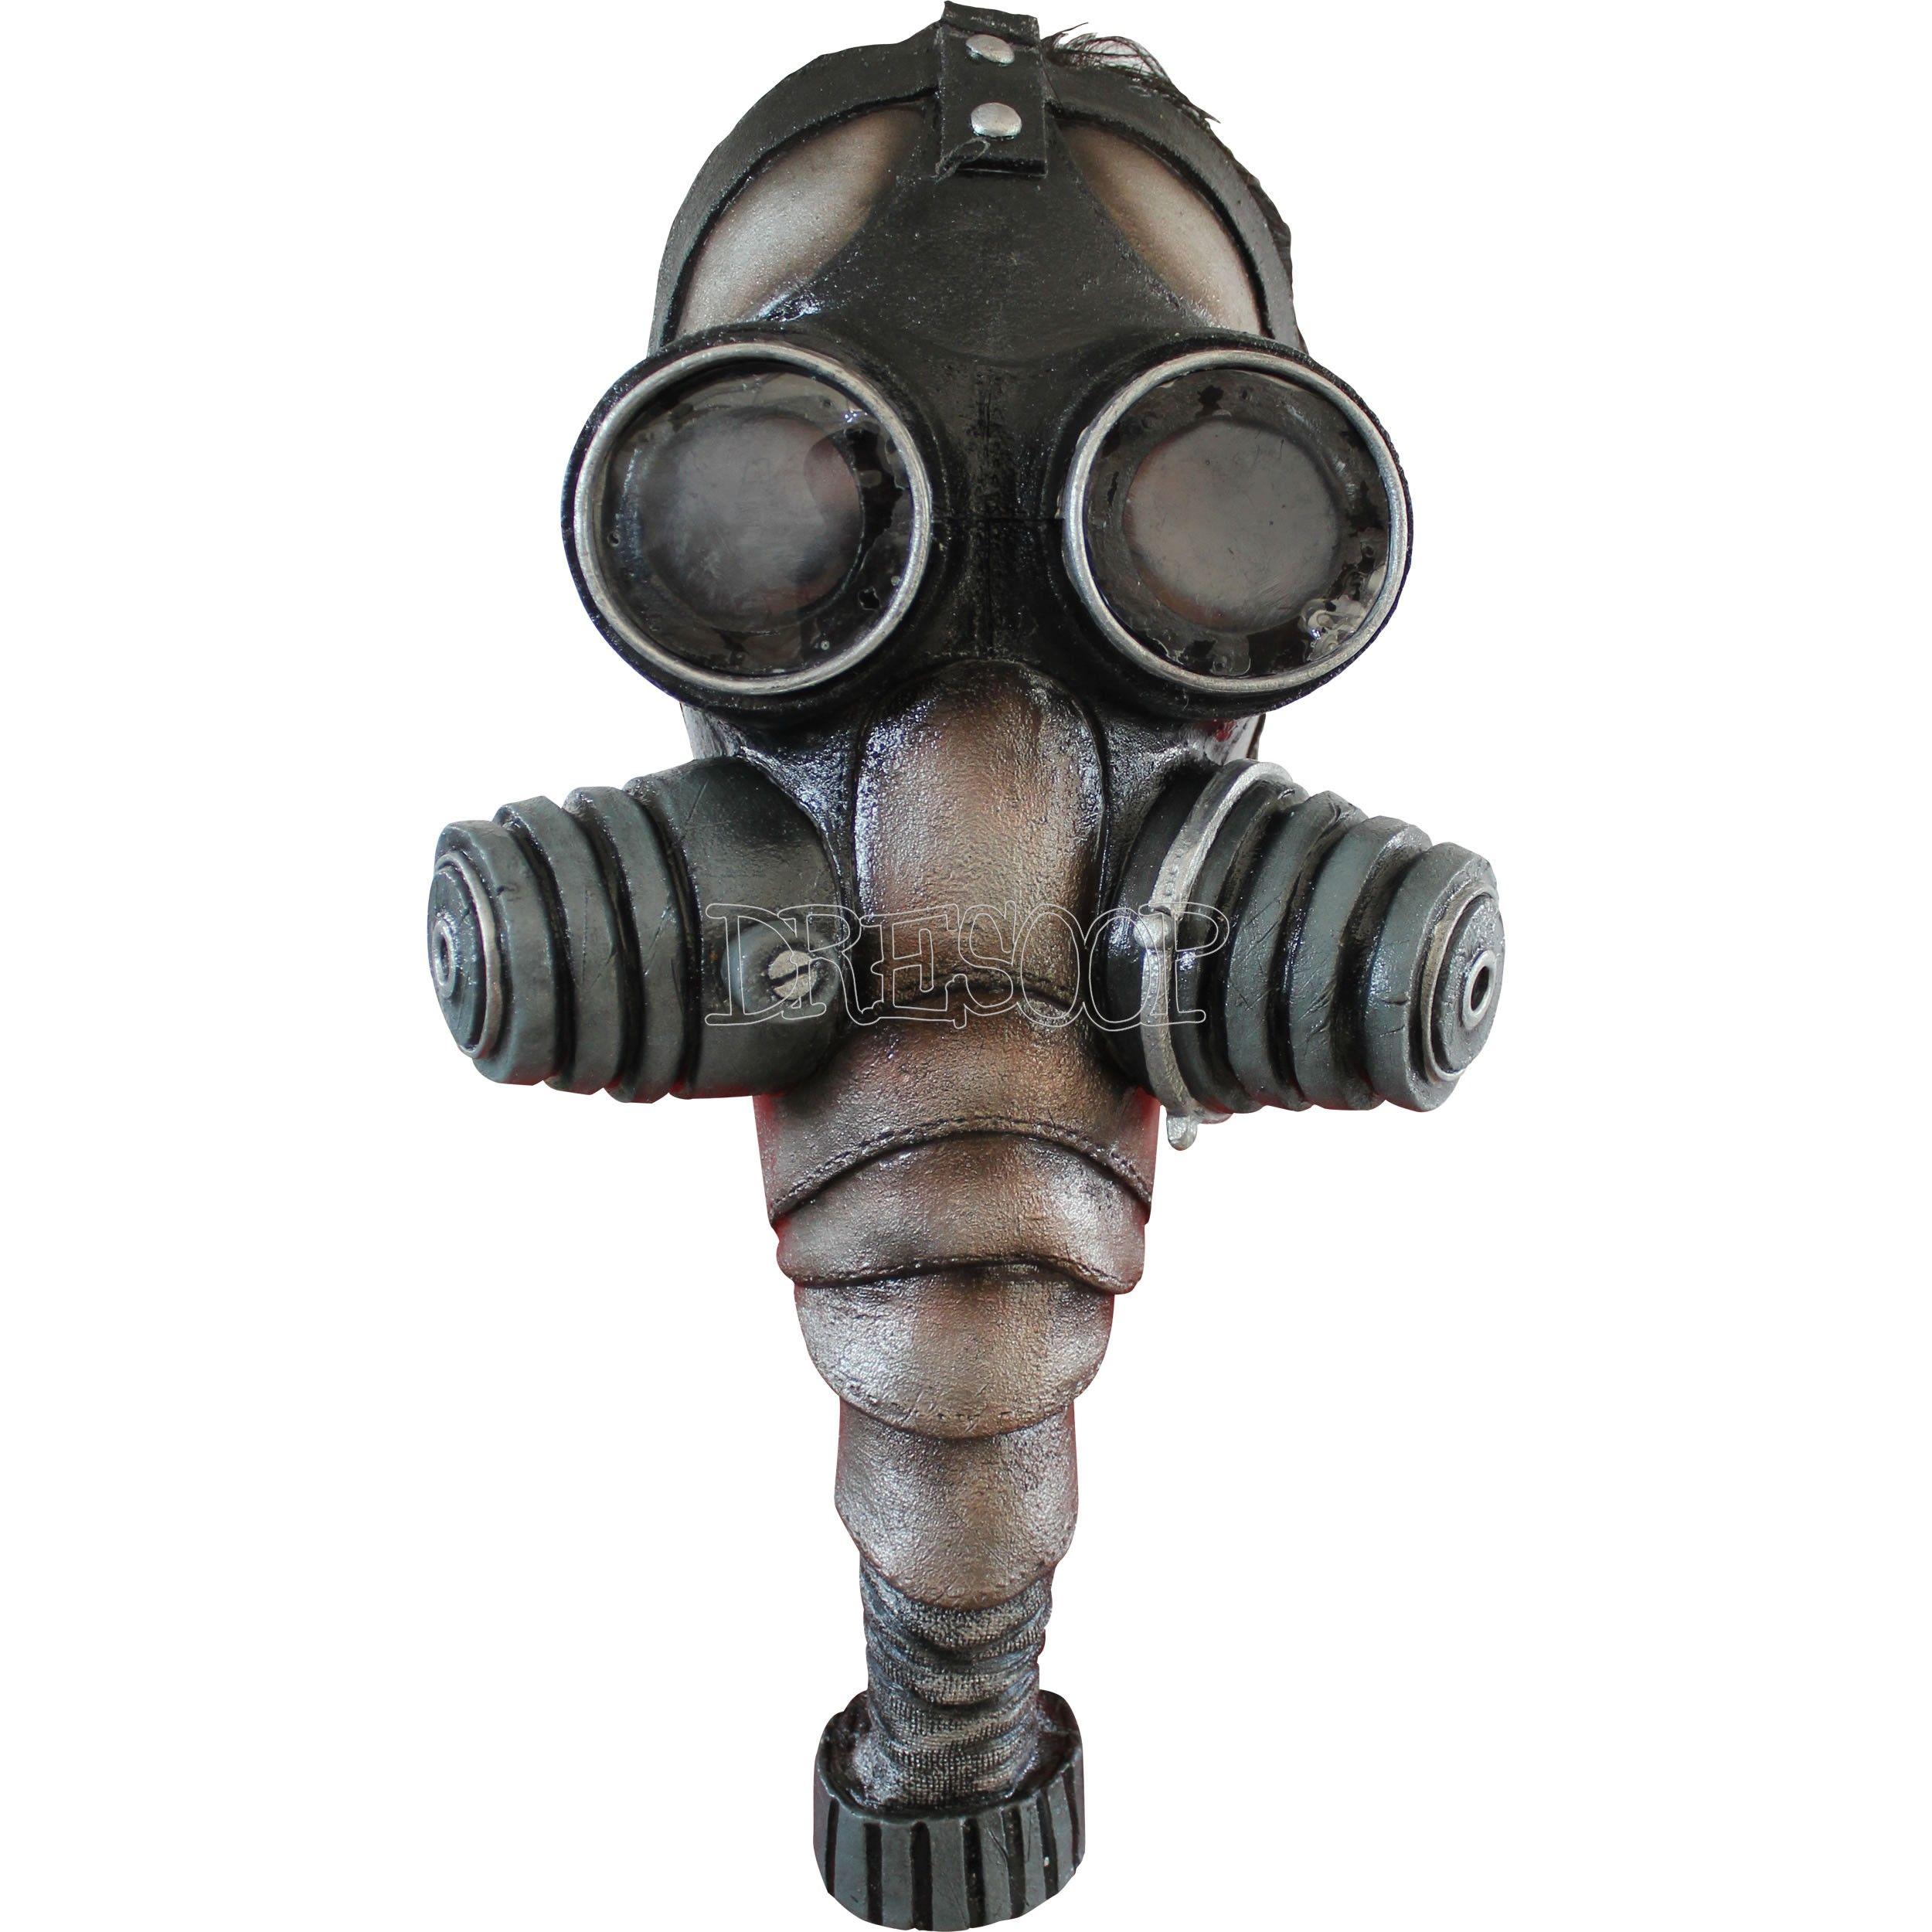 Máscara de gas Ghoulish - Dresoop.es | Máscaras Halloween 2015 ...